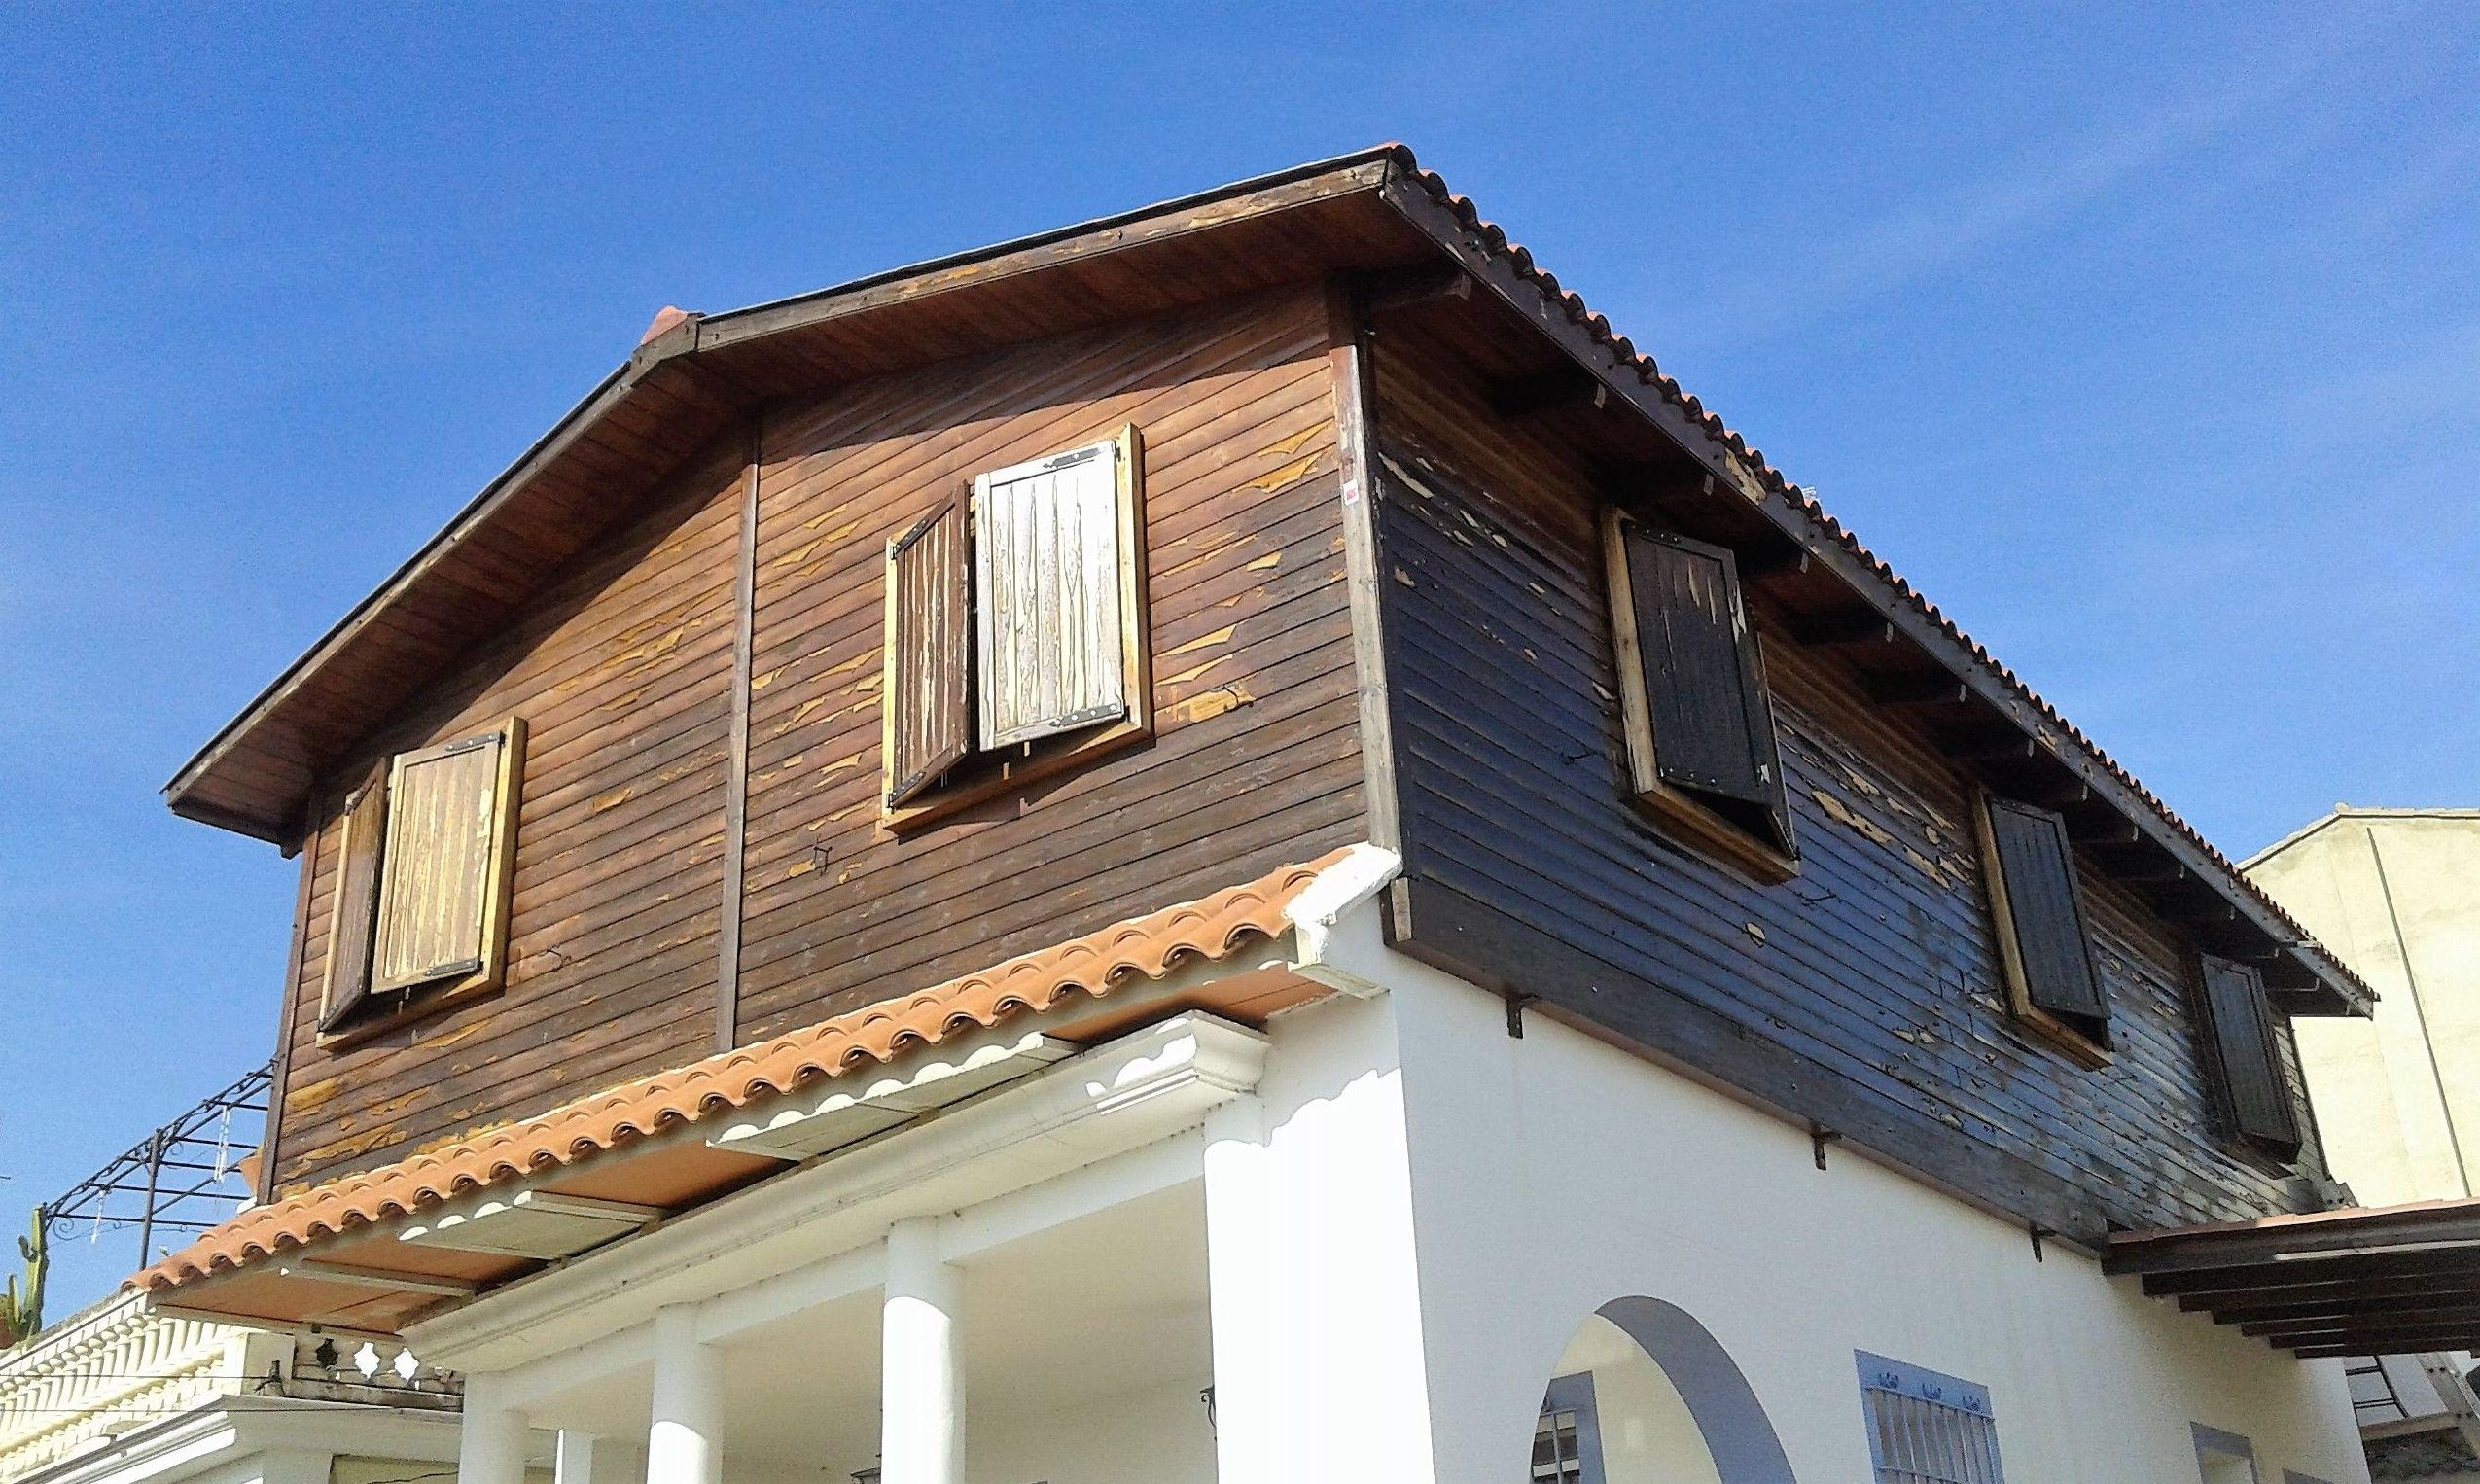 Casa de madera en font del omet picasent valencia - Casas madera valencia ...